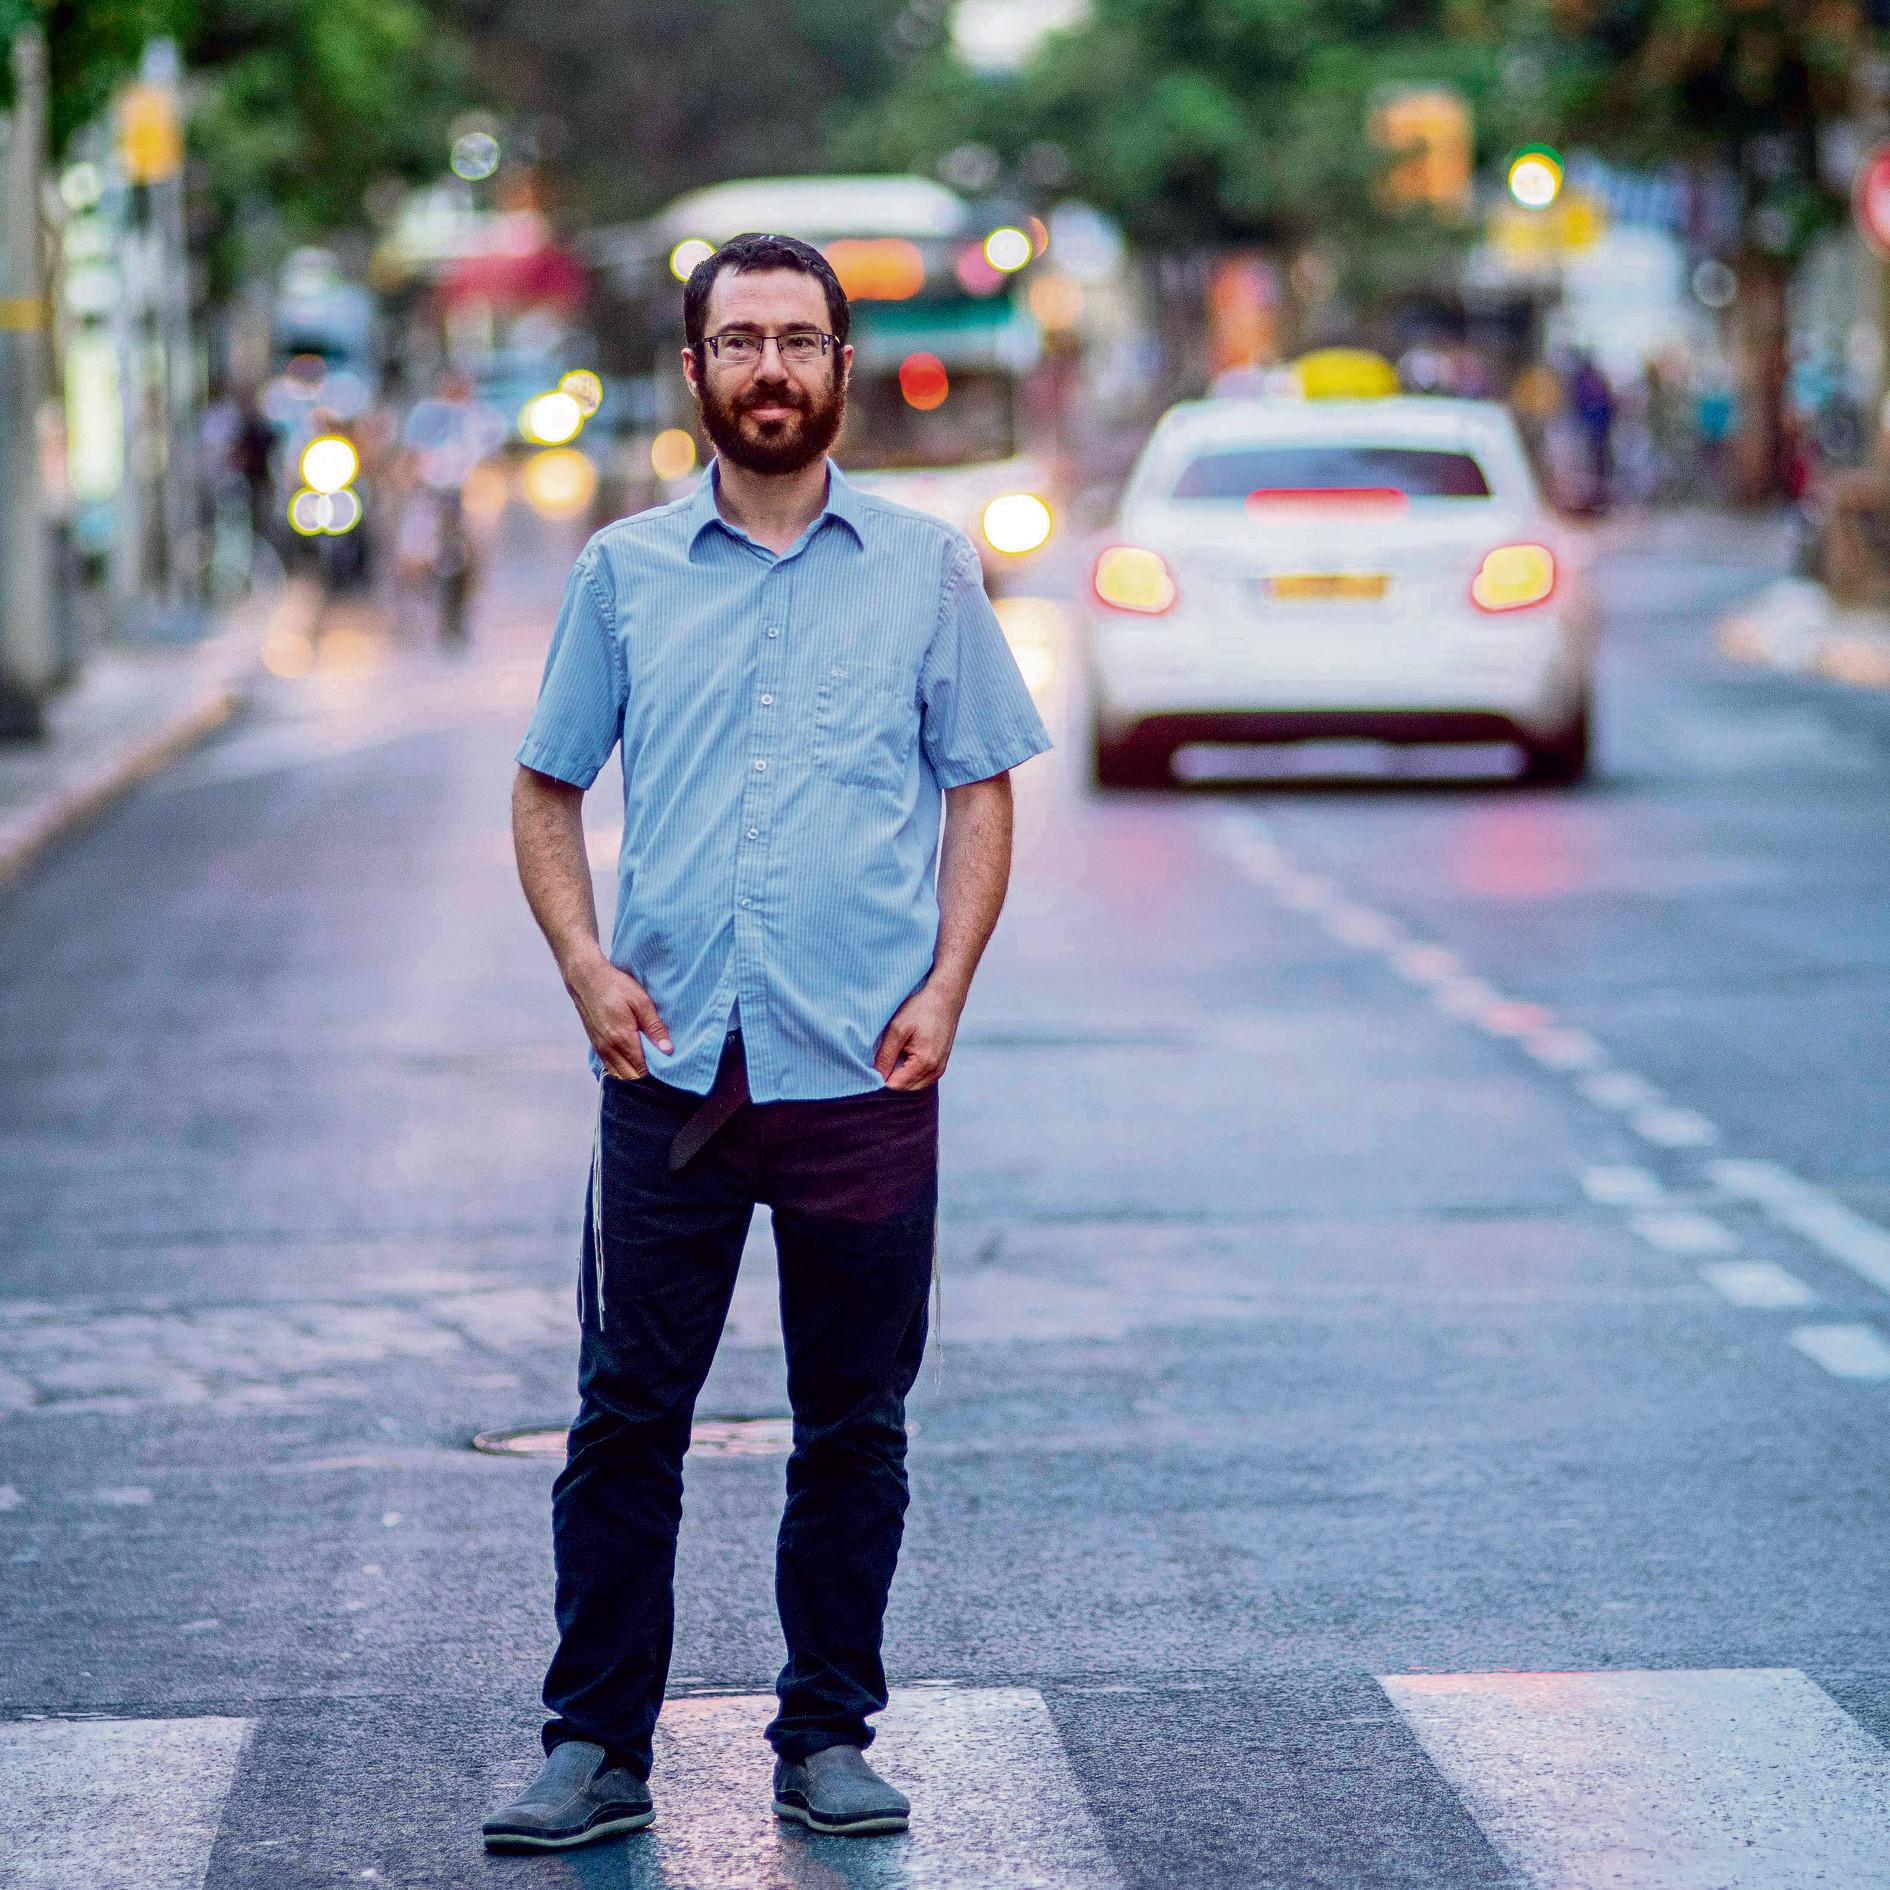 כותב שירים על מפיות, על נייר טואלט ועל הצד האחורי של קבלות מתחנת דלק. ניר בתל־אביב   צילום: יובל חן